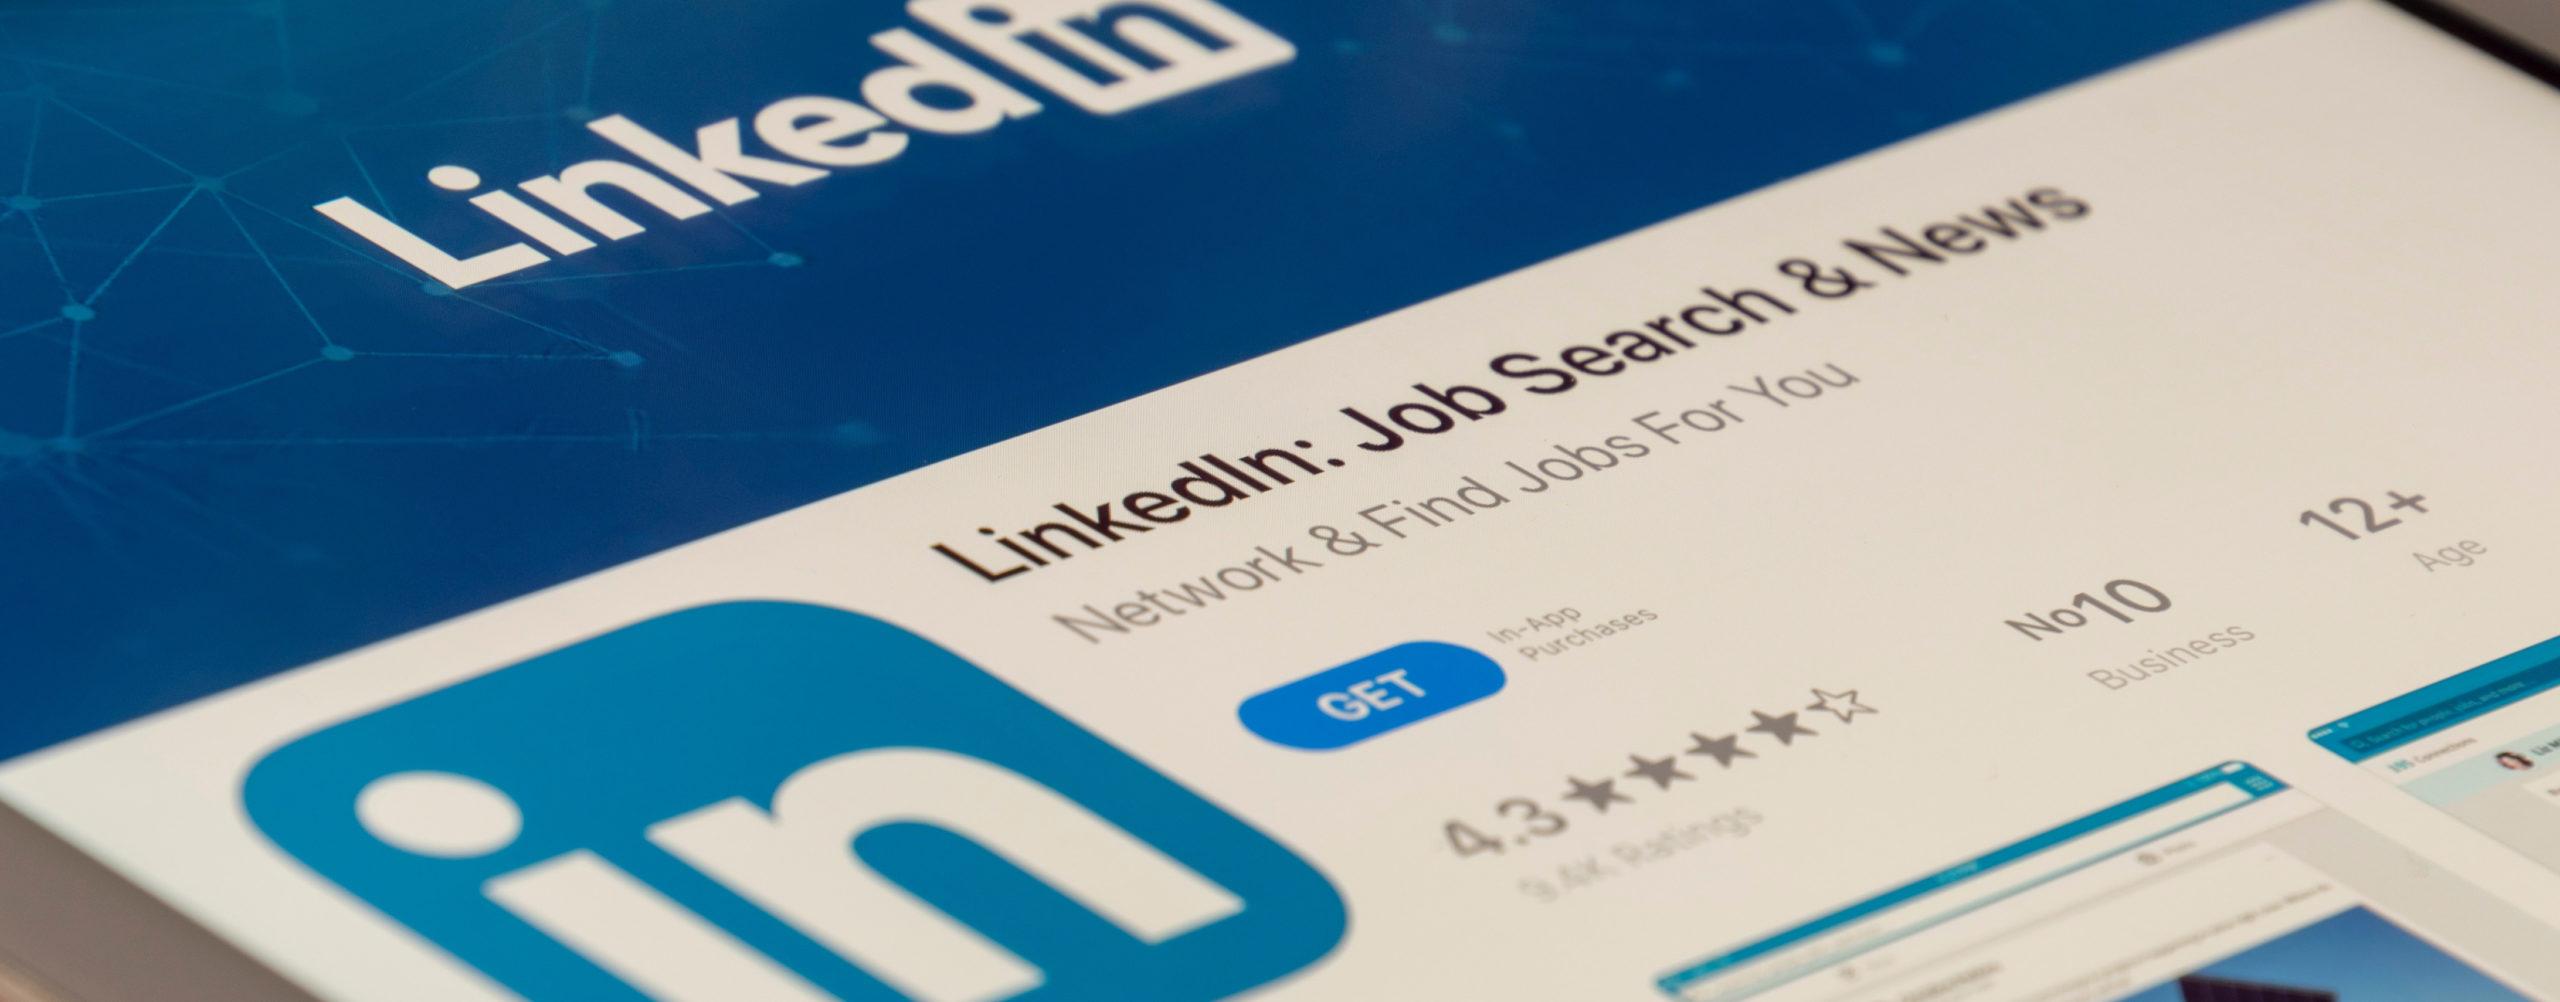 LinkedIn la red social de profesionales y empresas